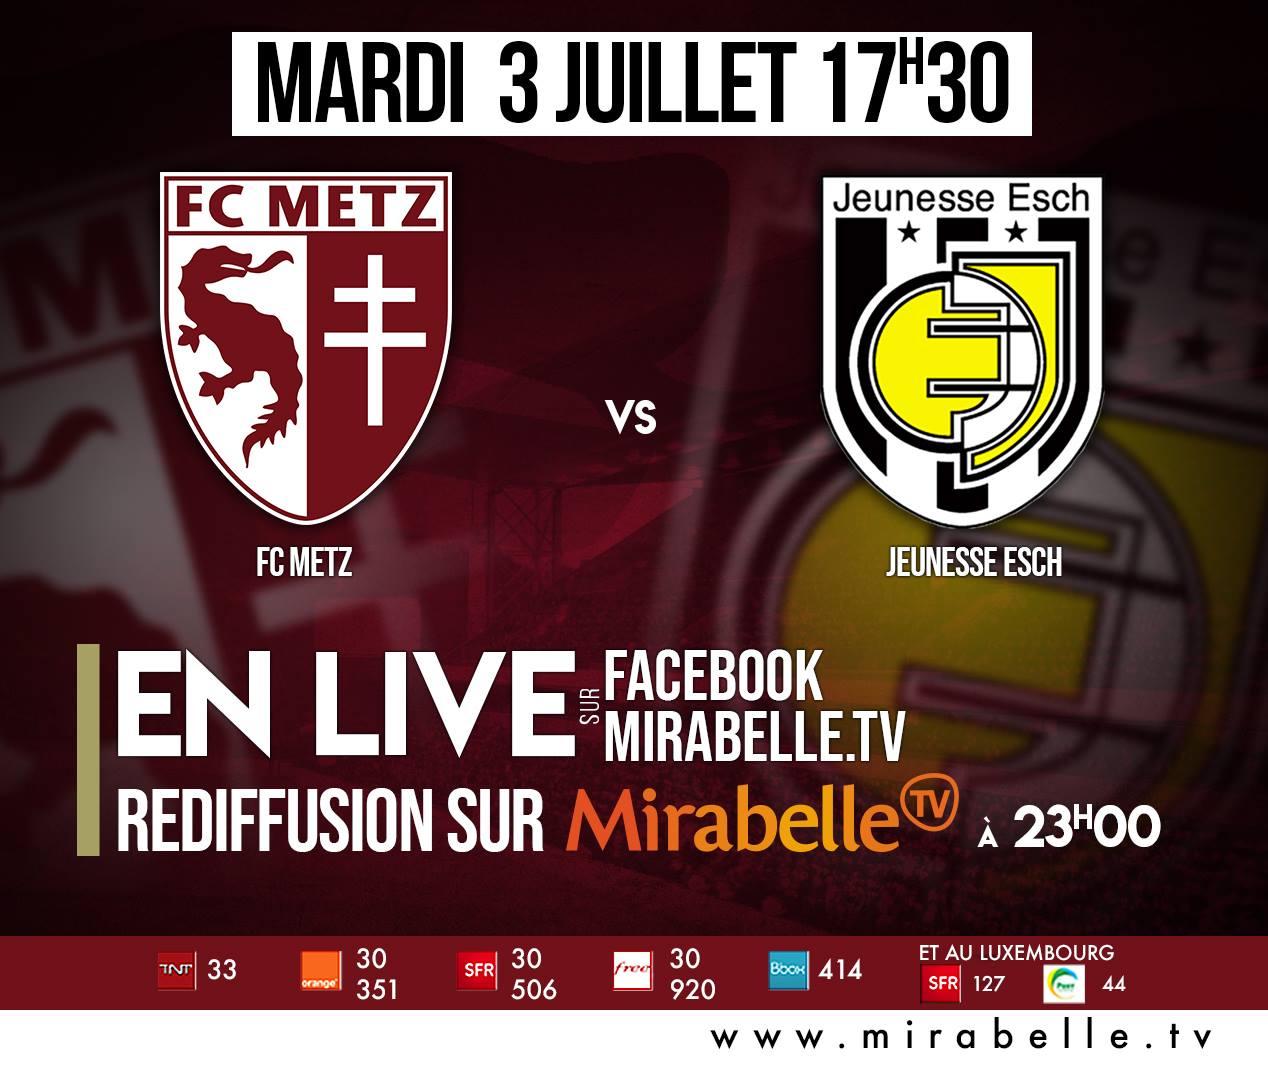 FC METZ - JEUNESSE PASSE À LA TÉLÉ